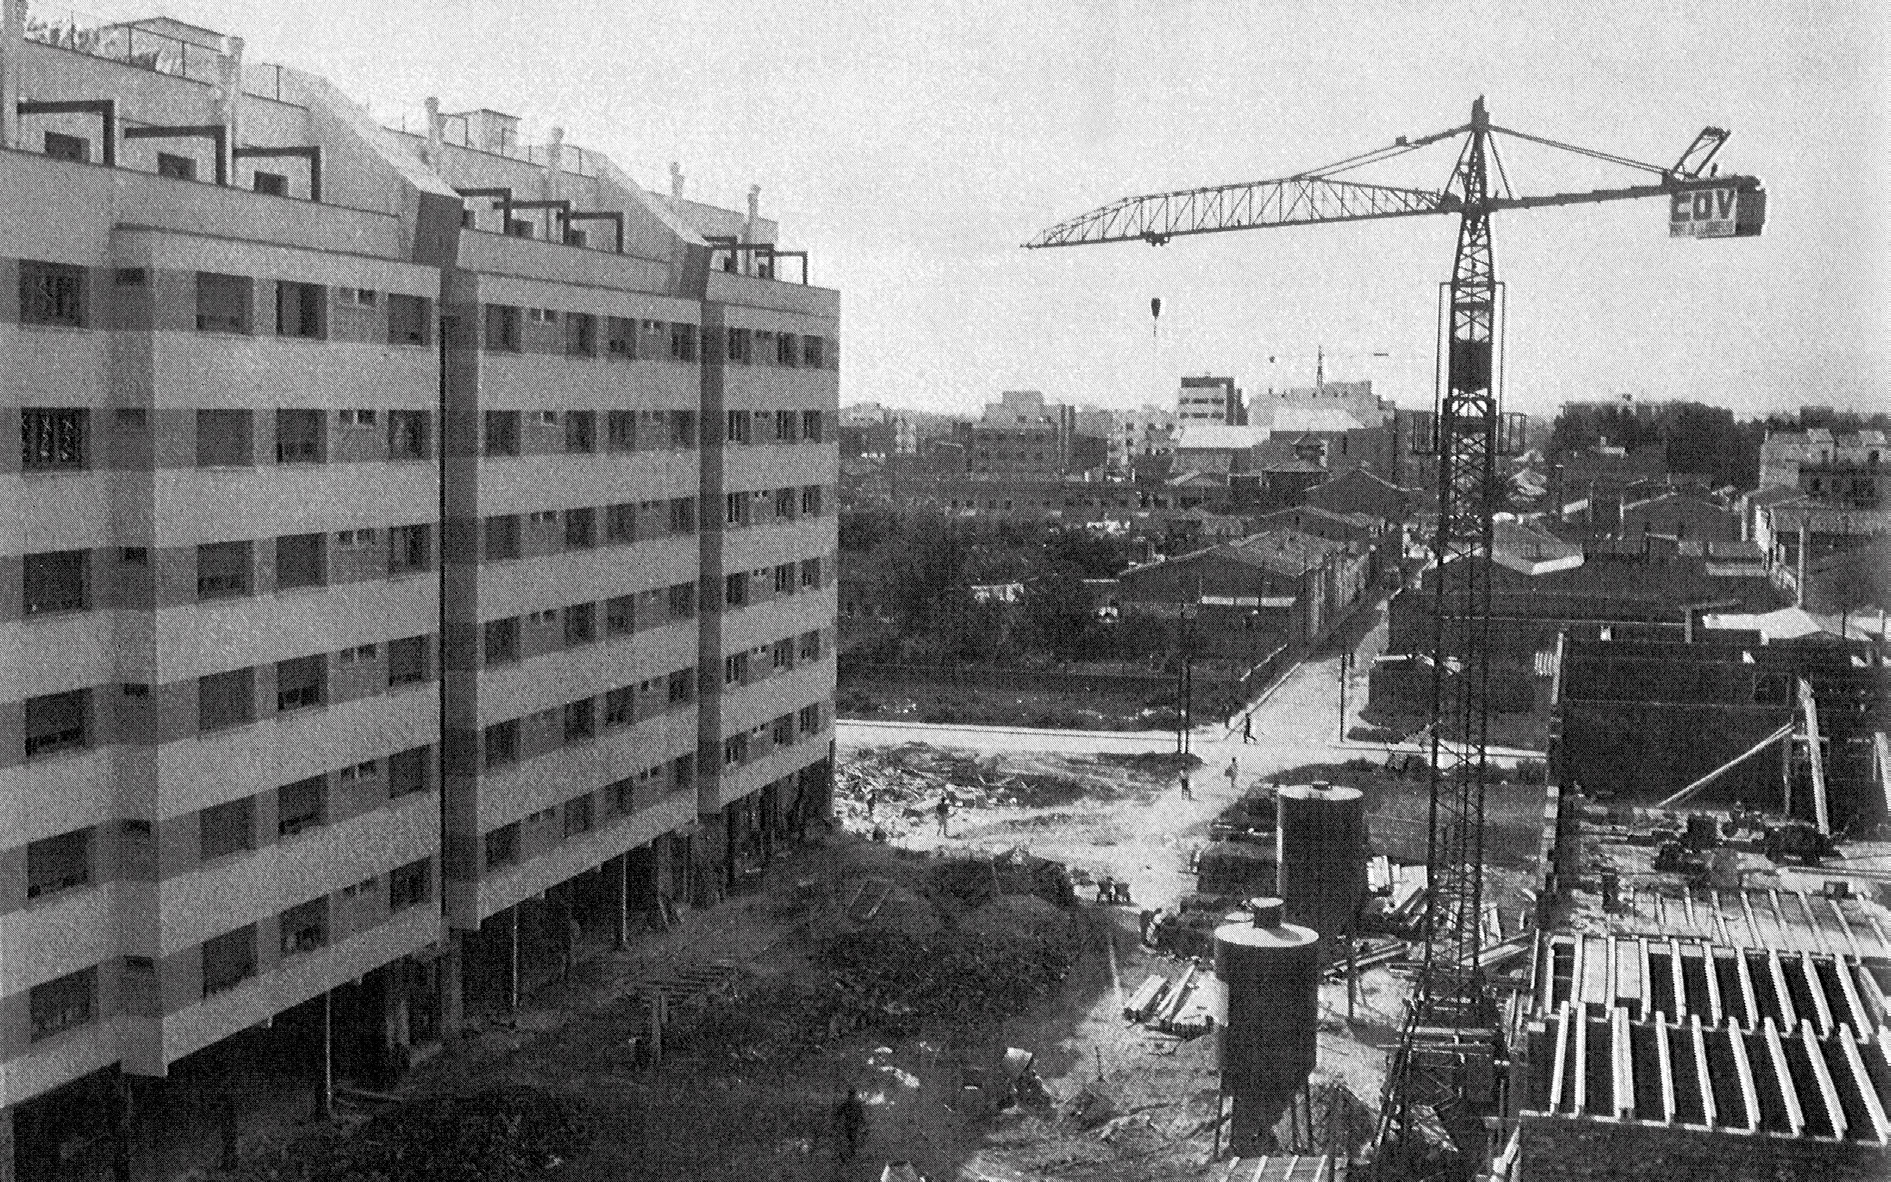 Blocs de la Cooperativa Obrera de Viviendas al Prat del Llobregat